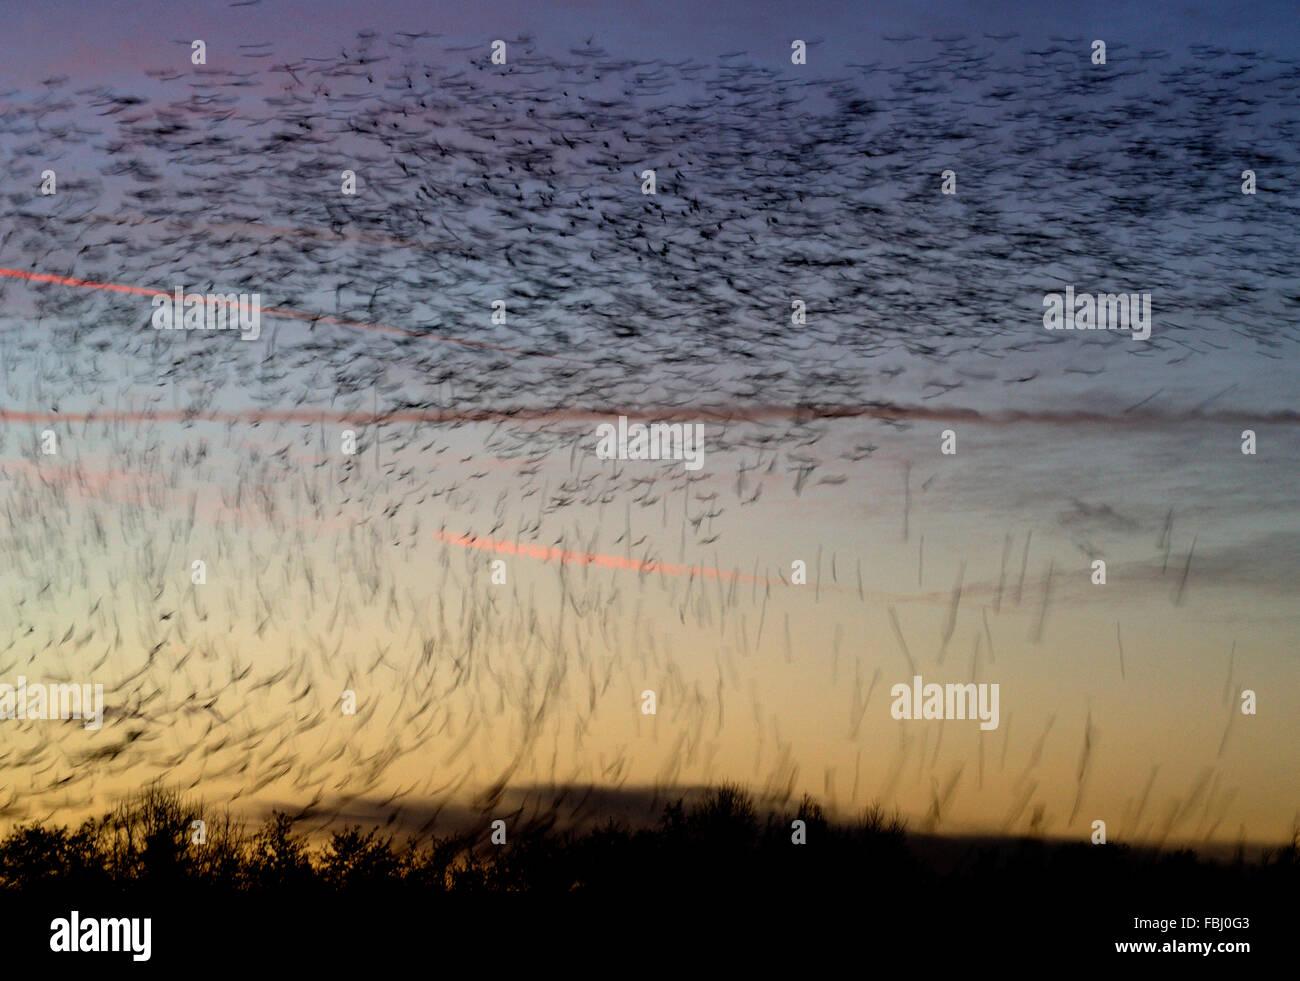 Los estorninos (Sturnus vulgaris) en posados vuelo descendente a roost, movimiento borrosa, Lackford Lakes, cerca de Bury St Edmunds, Suffo Foto de stock